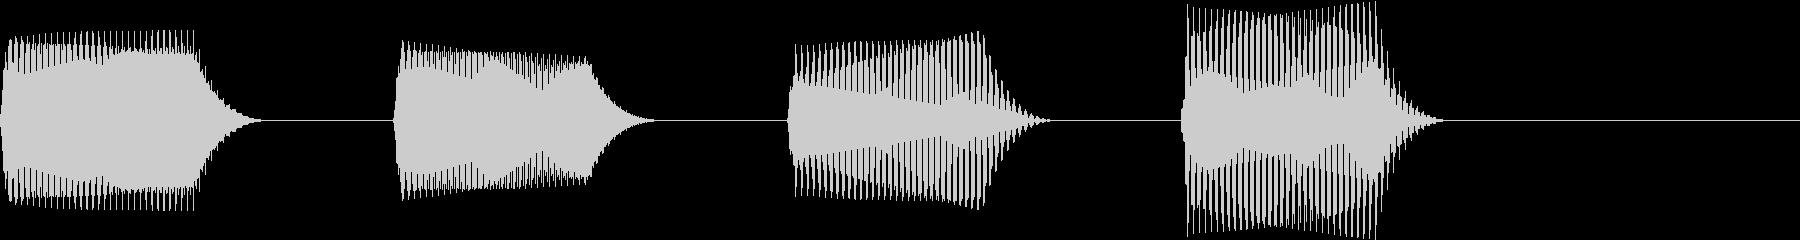 アプリなどの警告音・ポップアップ表示音の未再生の波形